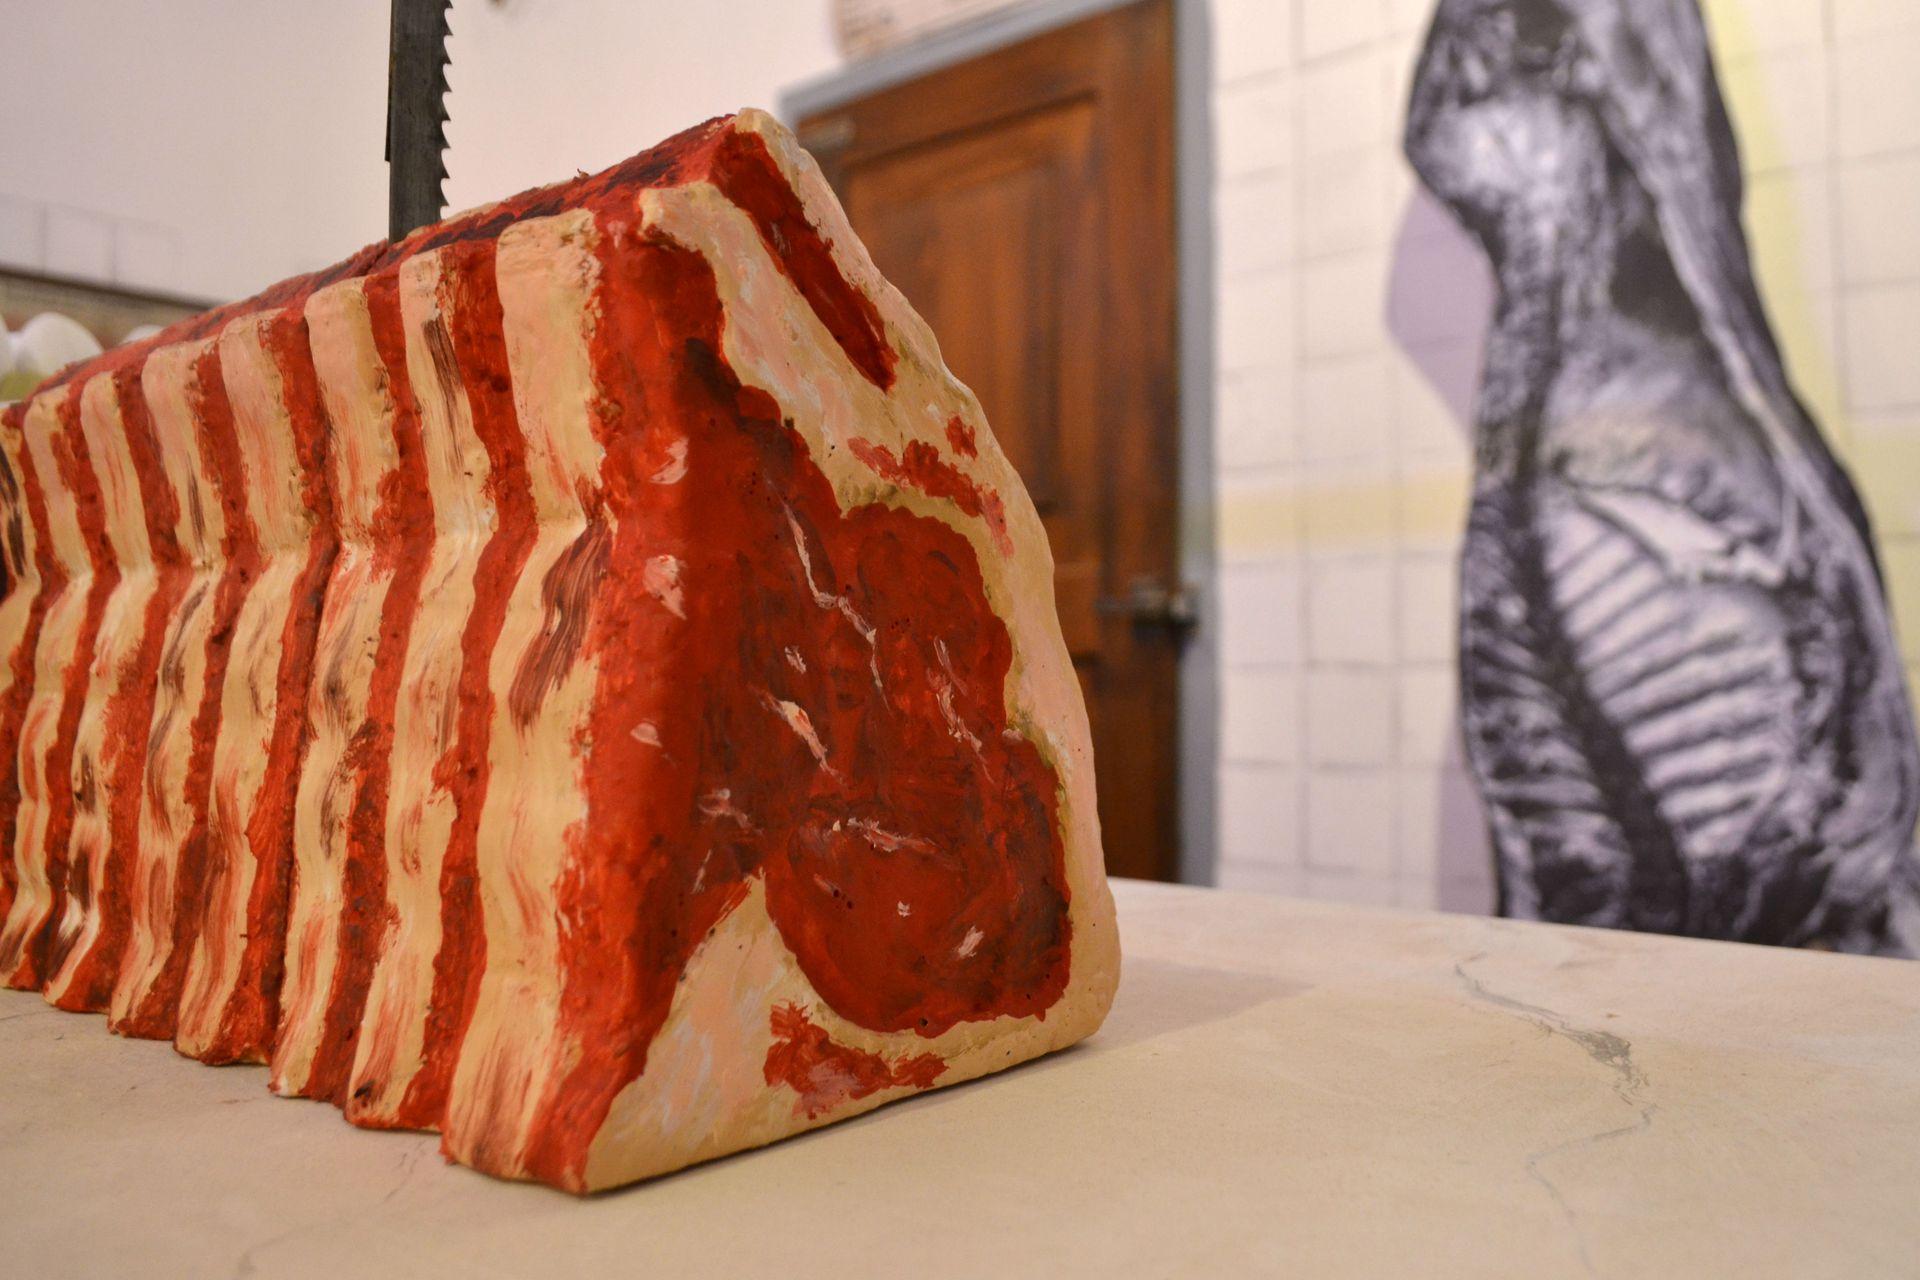 La carne, un emblema nacional